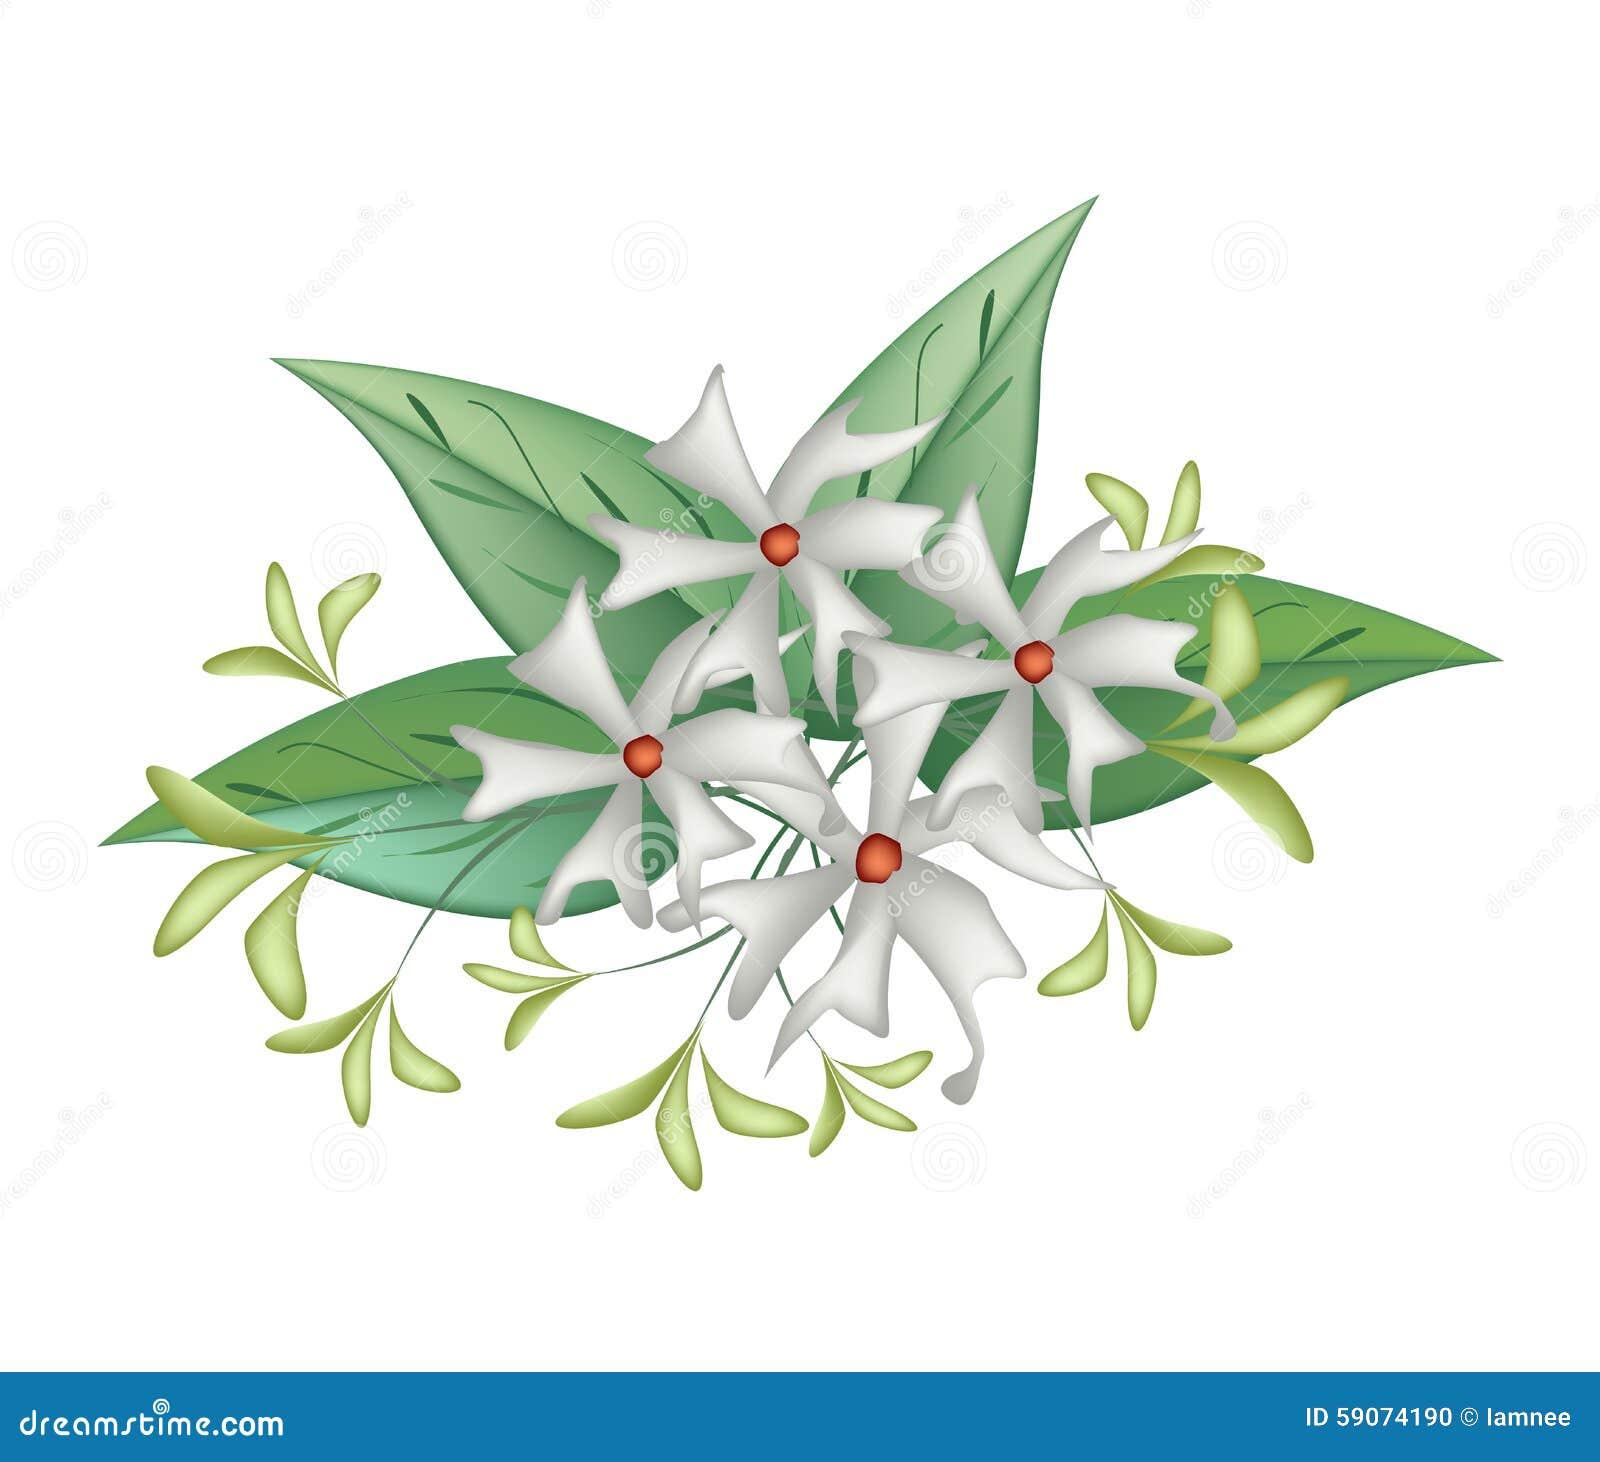 Beautiful night blooming jasmine on white background stock vector beautiful night blooming jasmine on white background izmirmasajfo